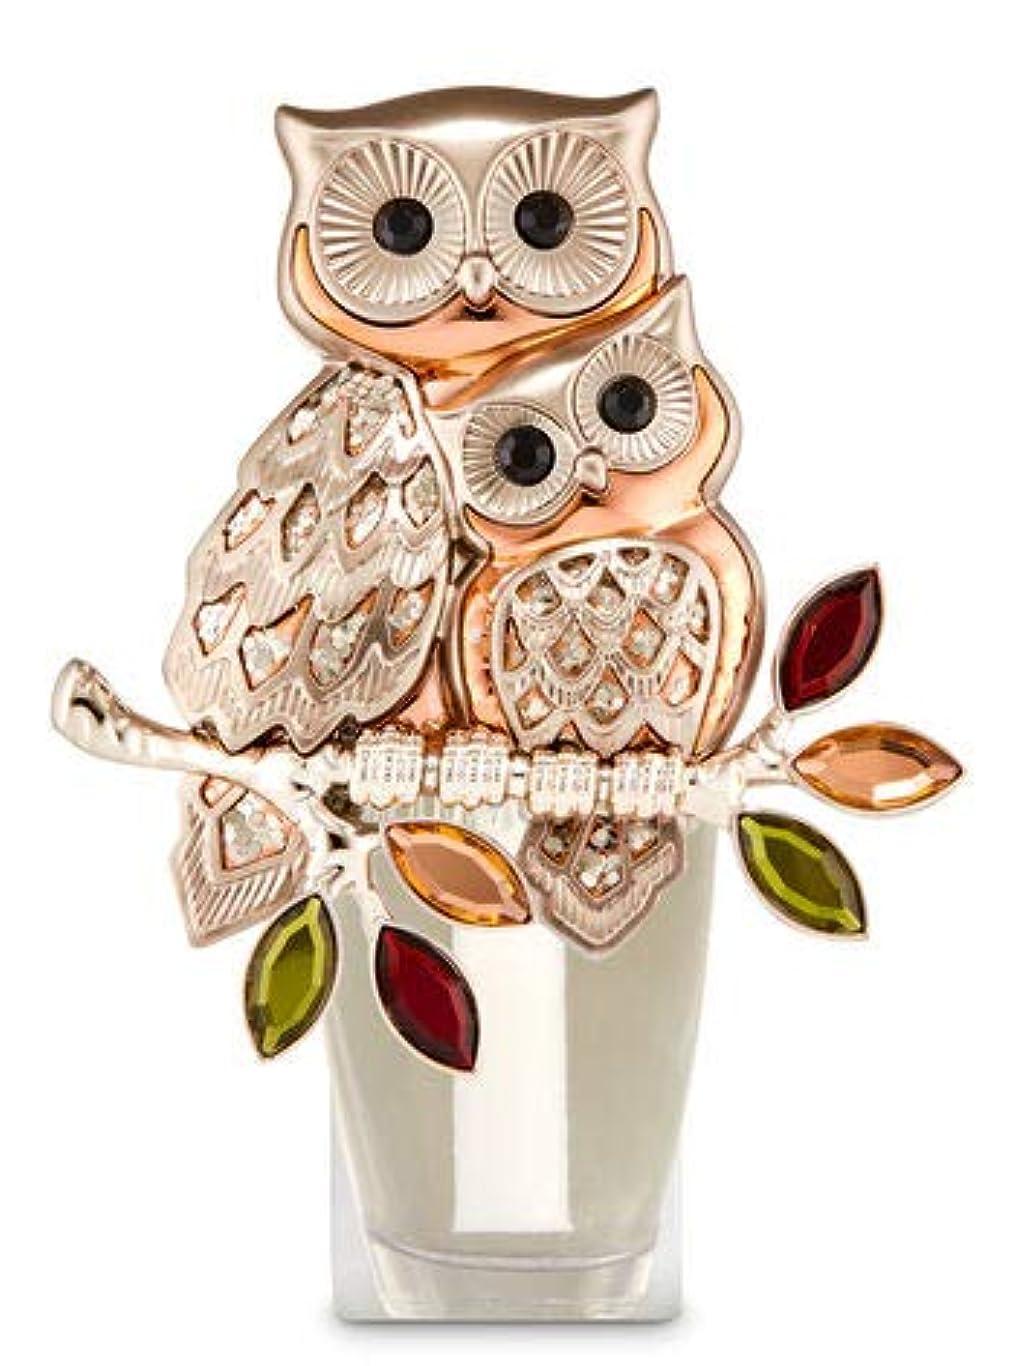 テクニカル引き金クスコ【Bath&Body Works/バス&ボディワークス】 ルームフレグランス プラグインスターター (本体のみ) オウルズ ナイトライト フクロウ Wallflowers Fragrance Plug Owls Night...